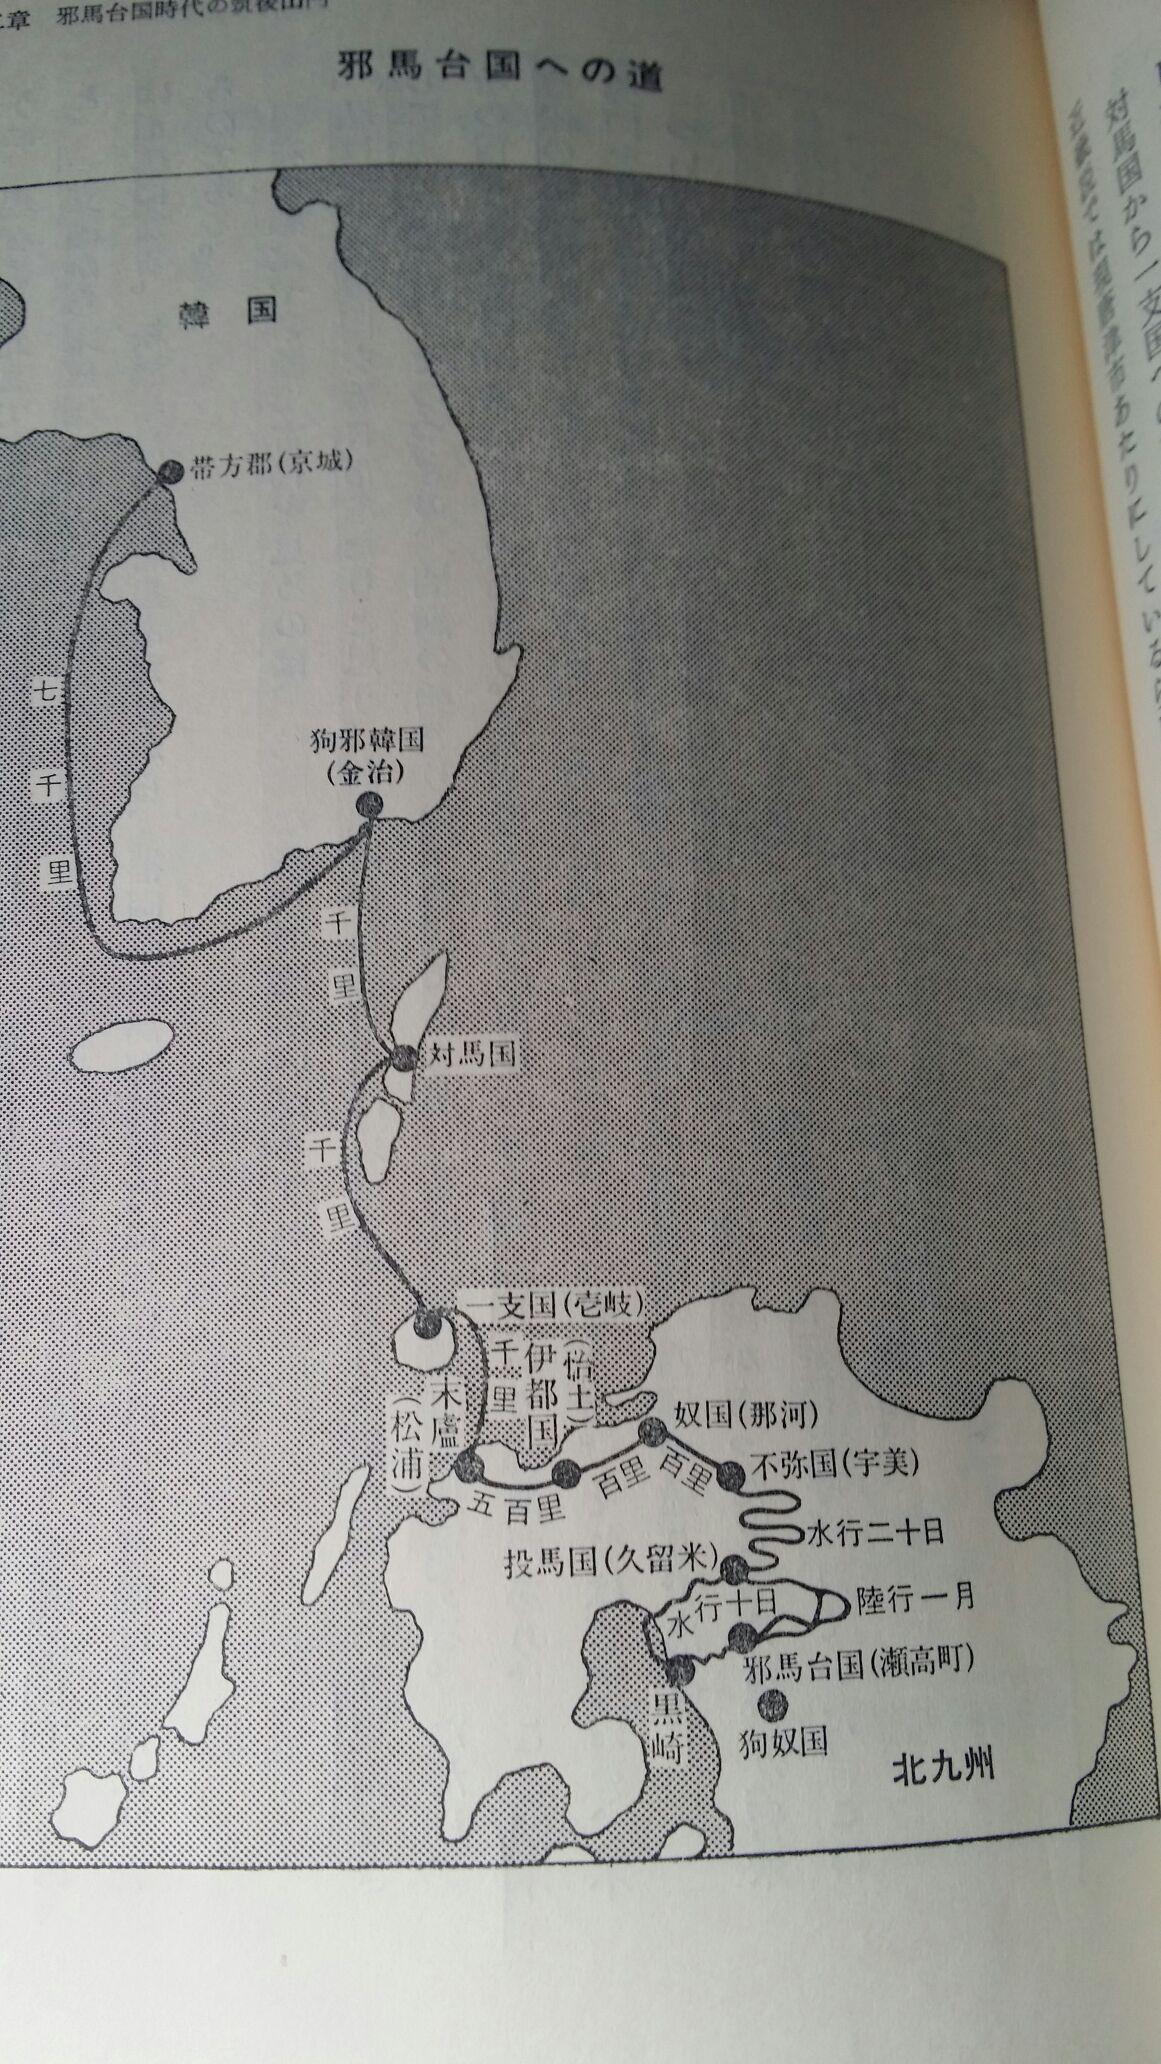 邪馬台国への道